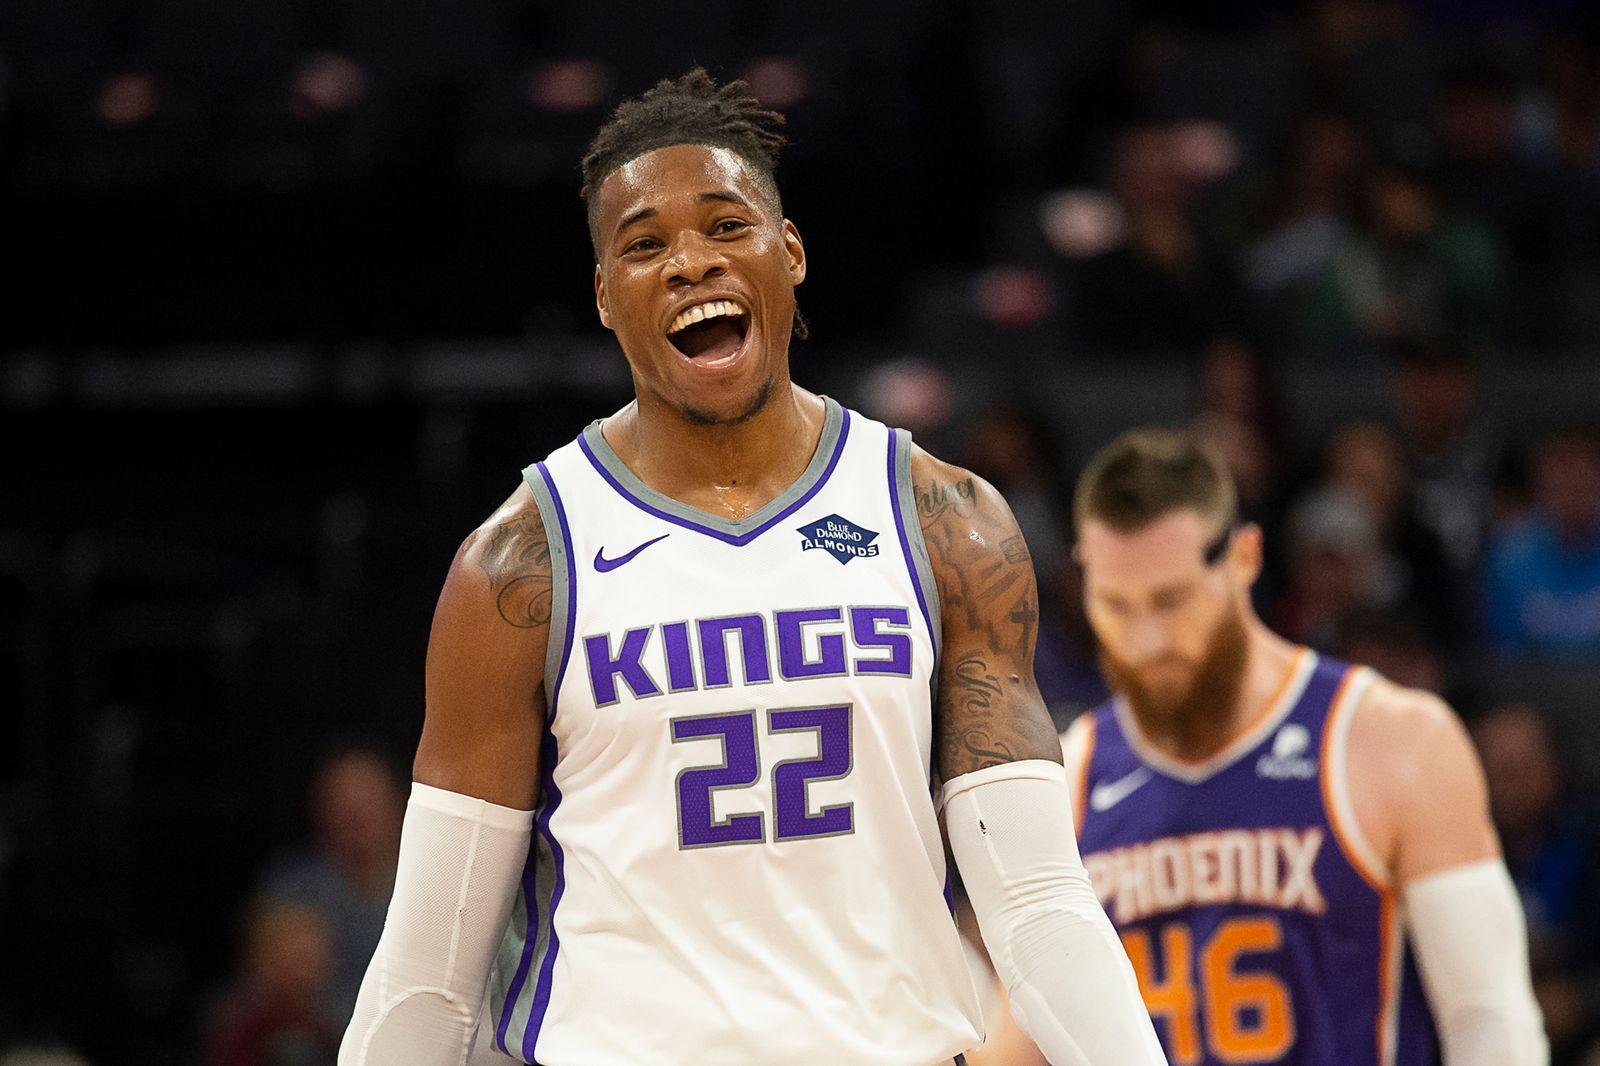 October 10, 2019, Sacramento, CA, USA: Sacramento Kings forward Richaun Holmes (22) reacts after a basket during a game